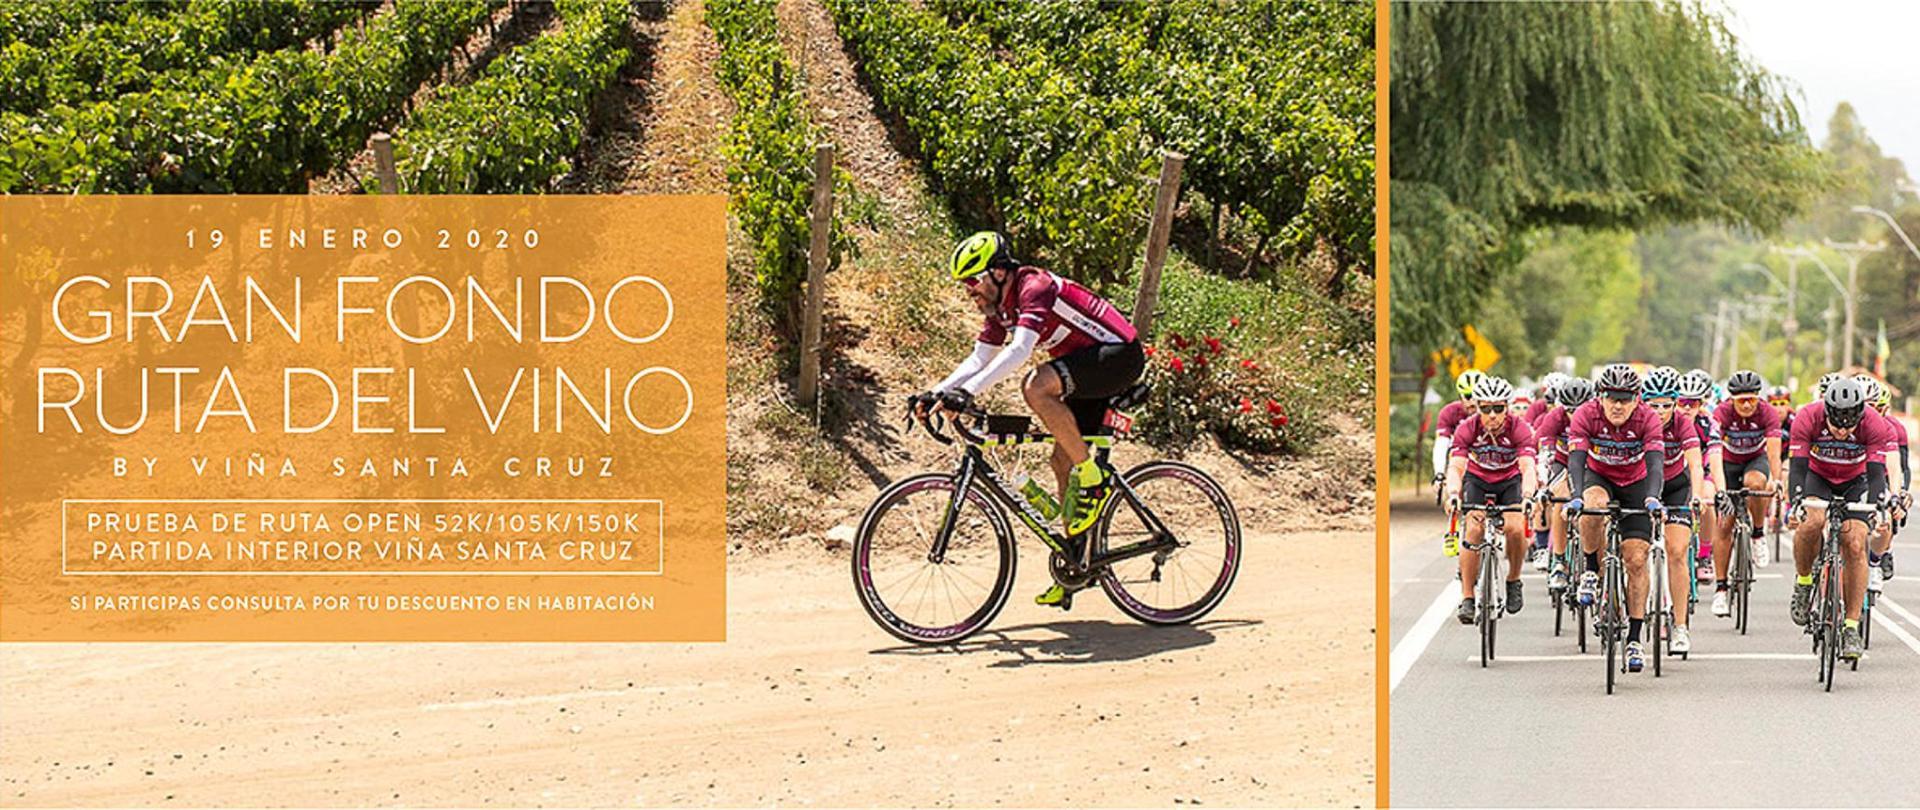 Banner Ruta del vino ciclismo 2020.png